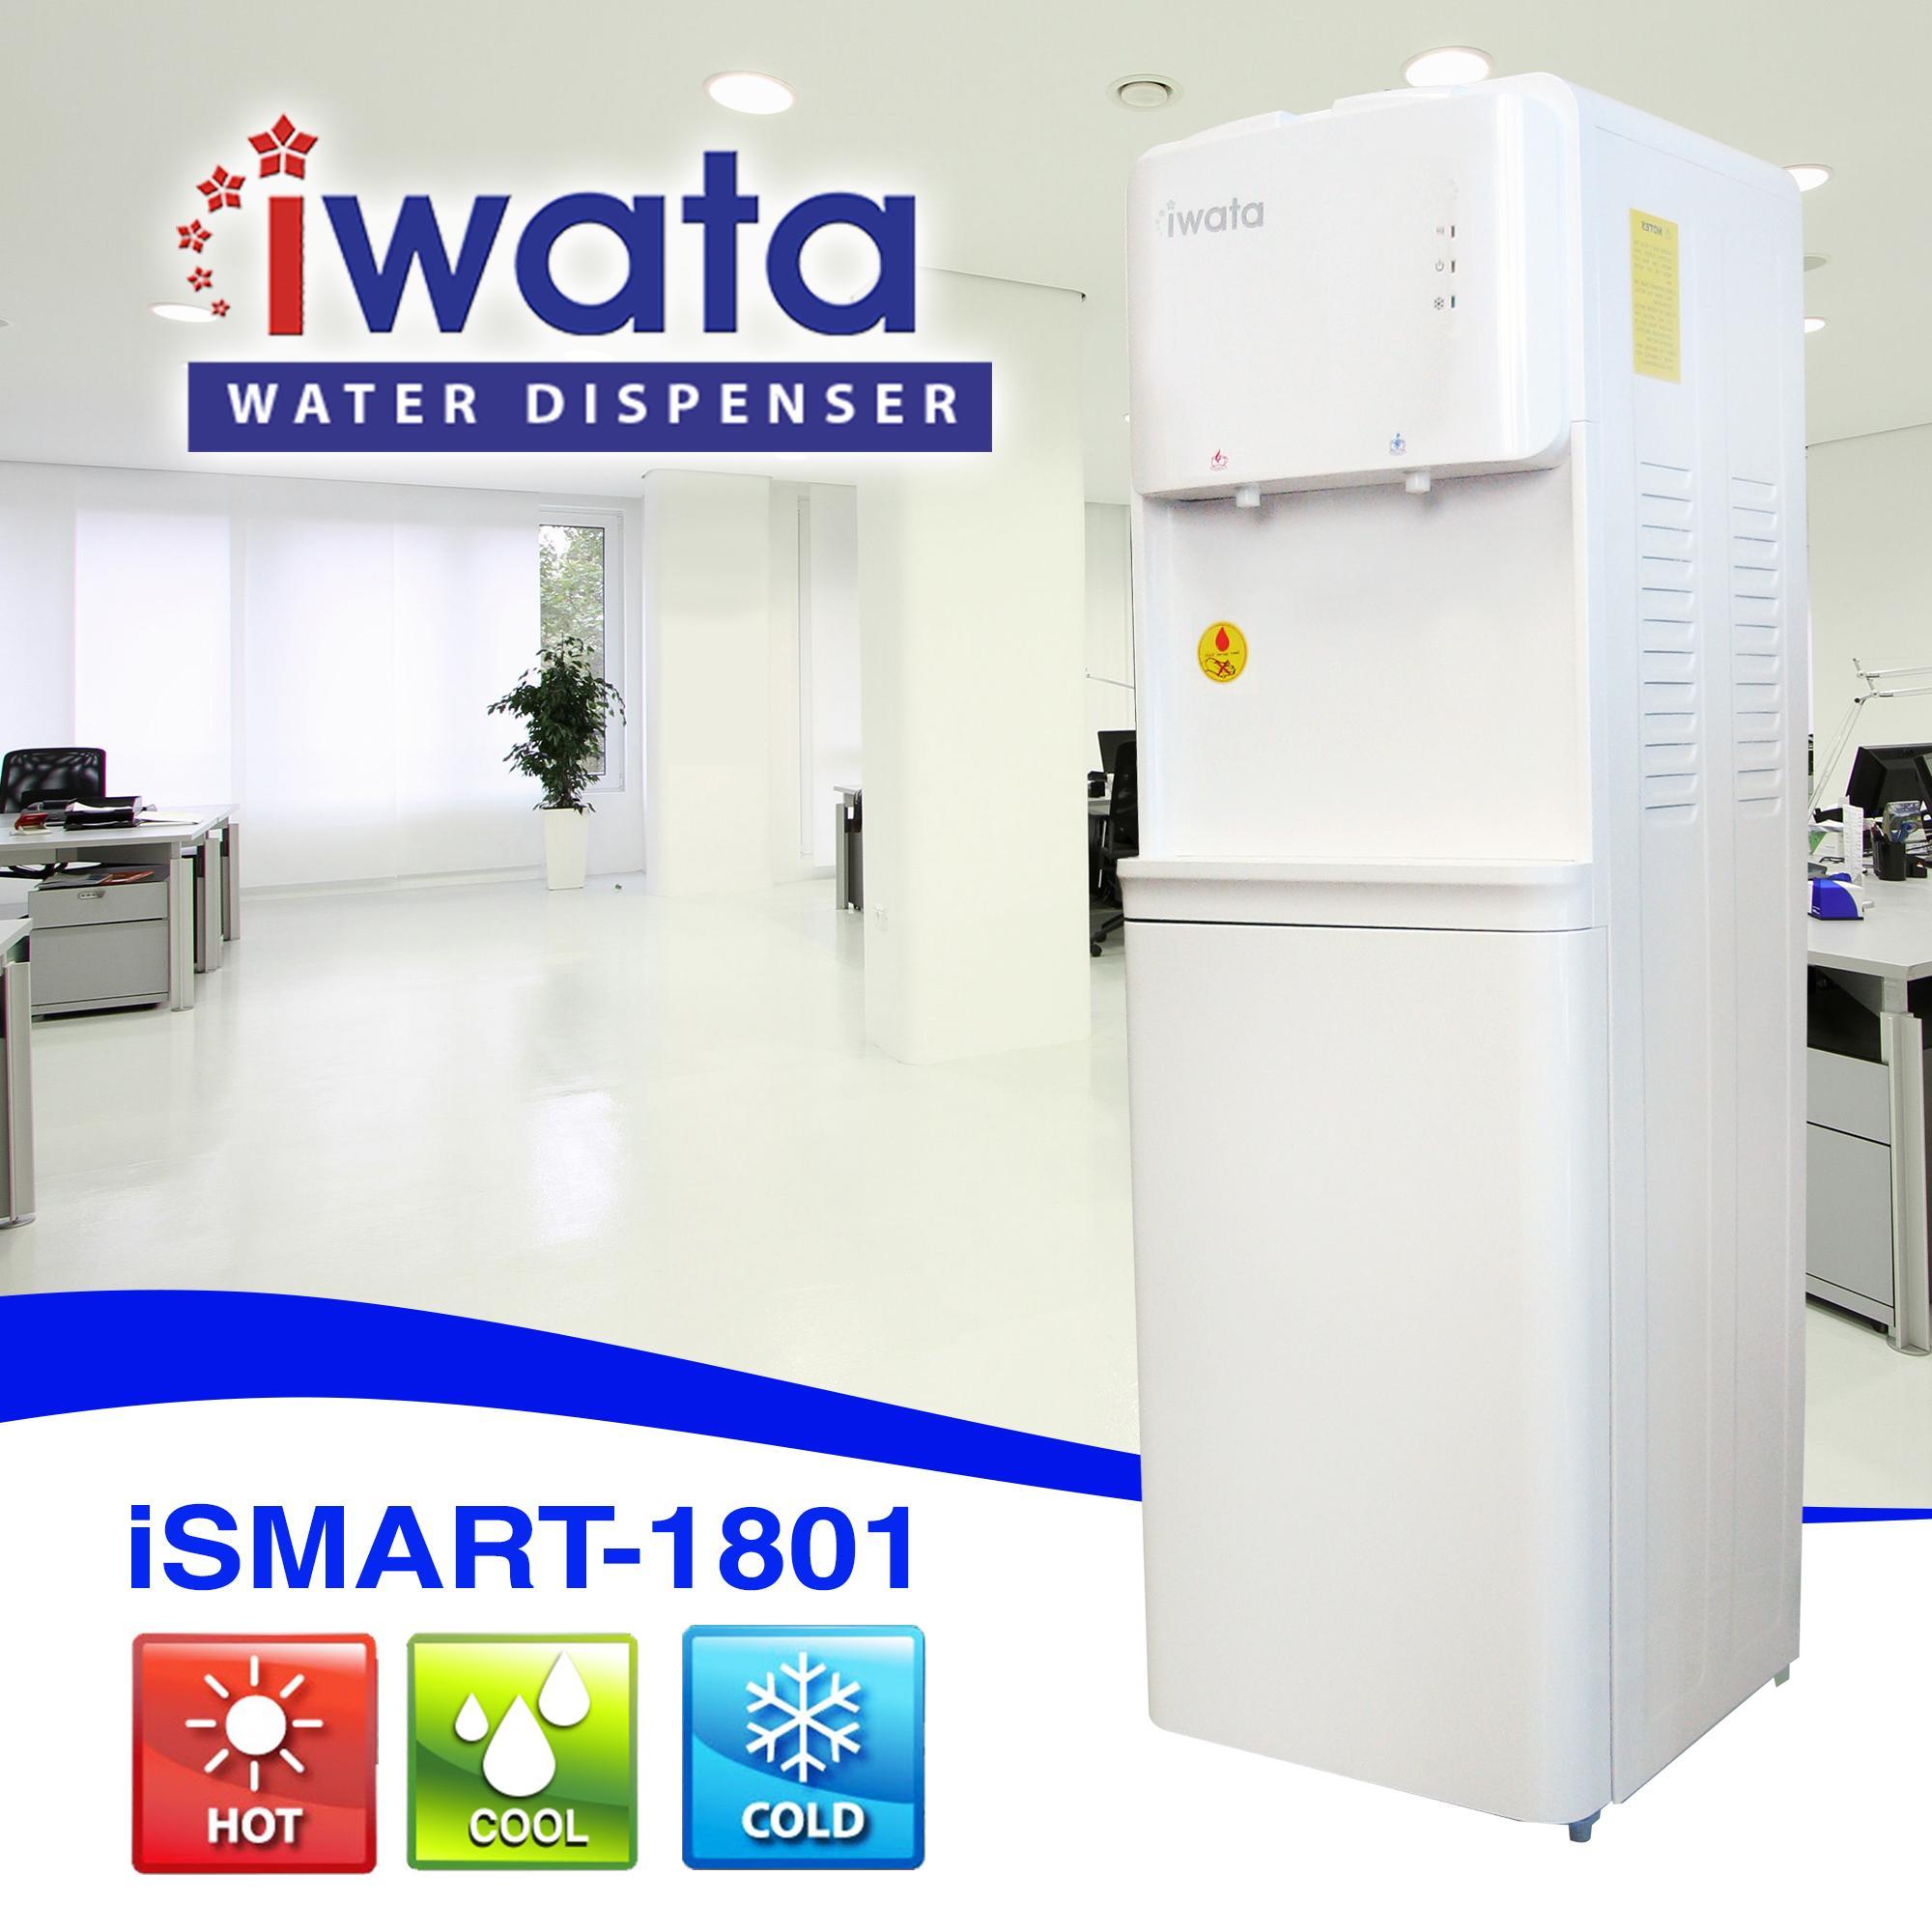 IWATA ISMART-1801 WATER DISPENSER